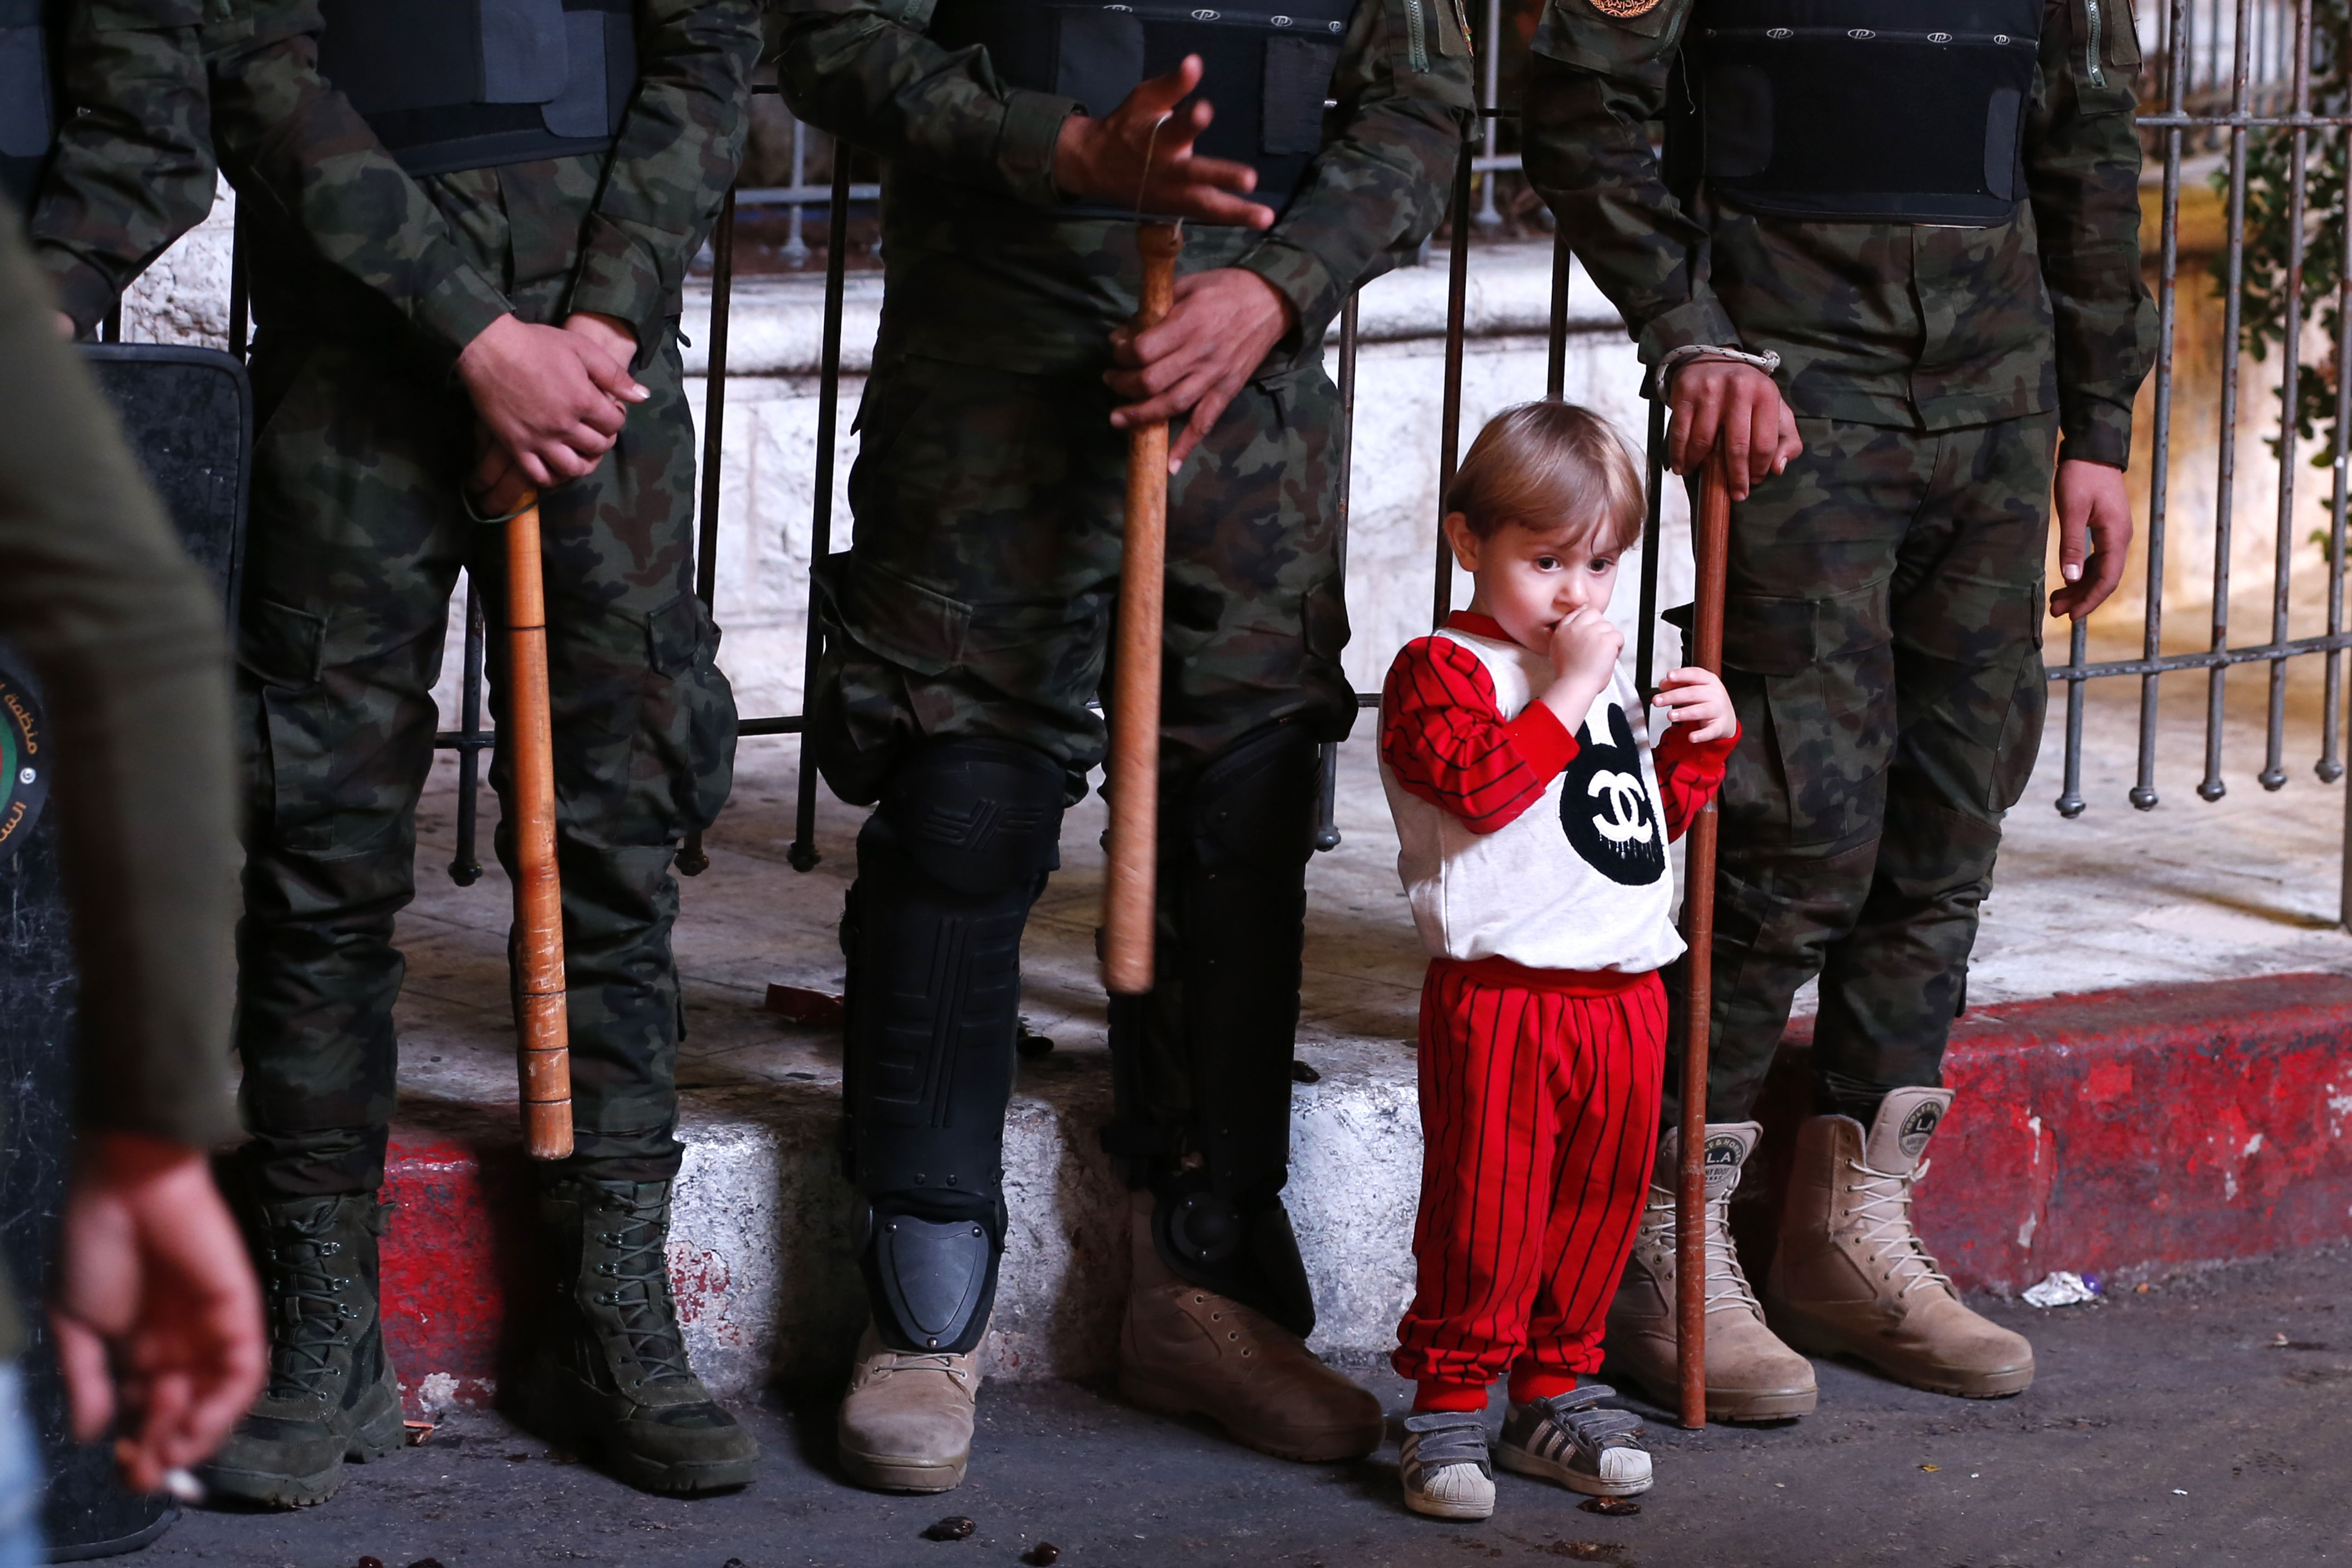 طفل فلسطينى يقف بين الجنود الفلسطينيين فى رام الله